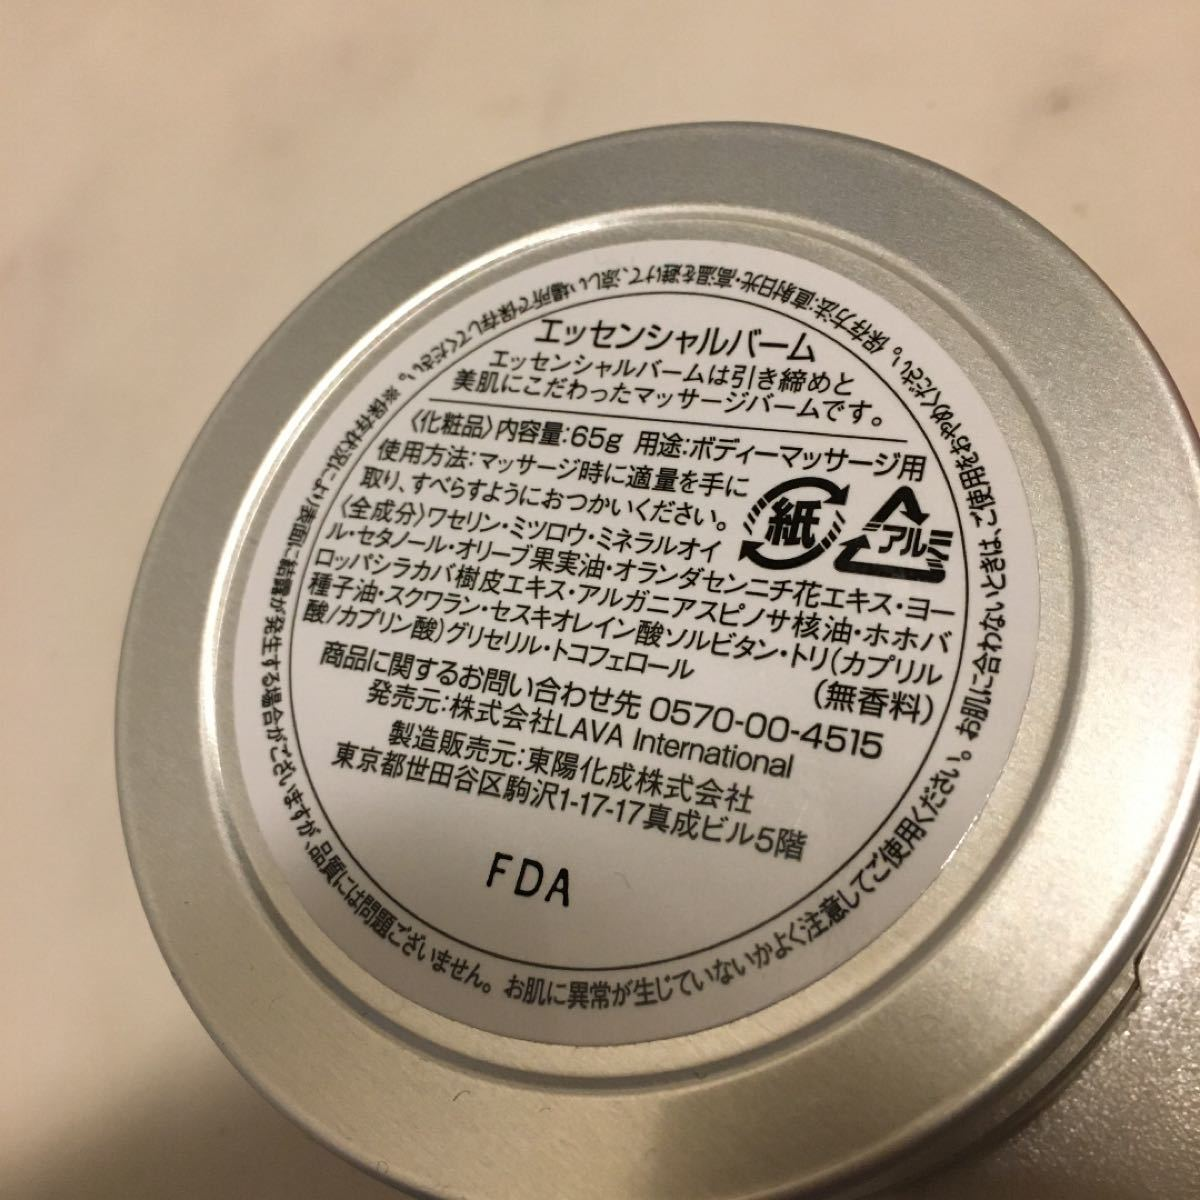 【LAVA4点セット】エッセンシャルバーム 65g コラーゲンプレミアム2本